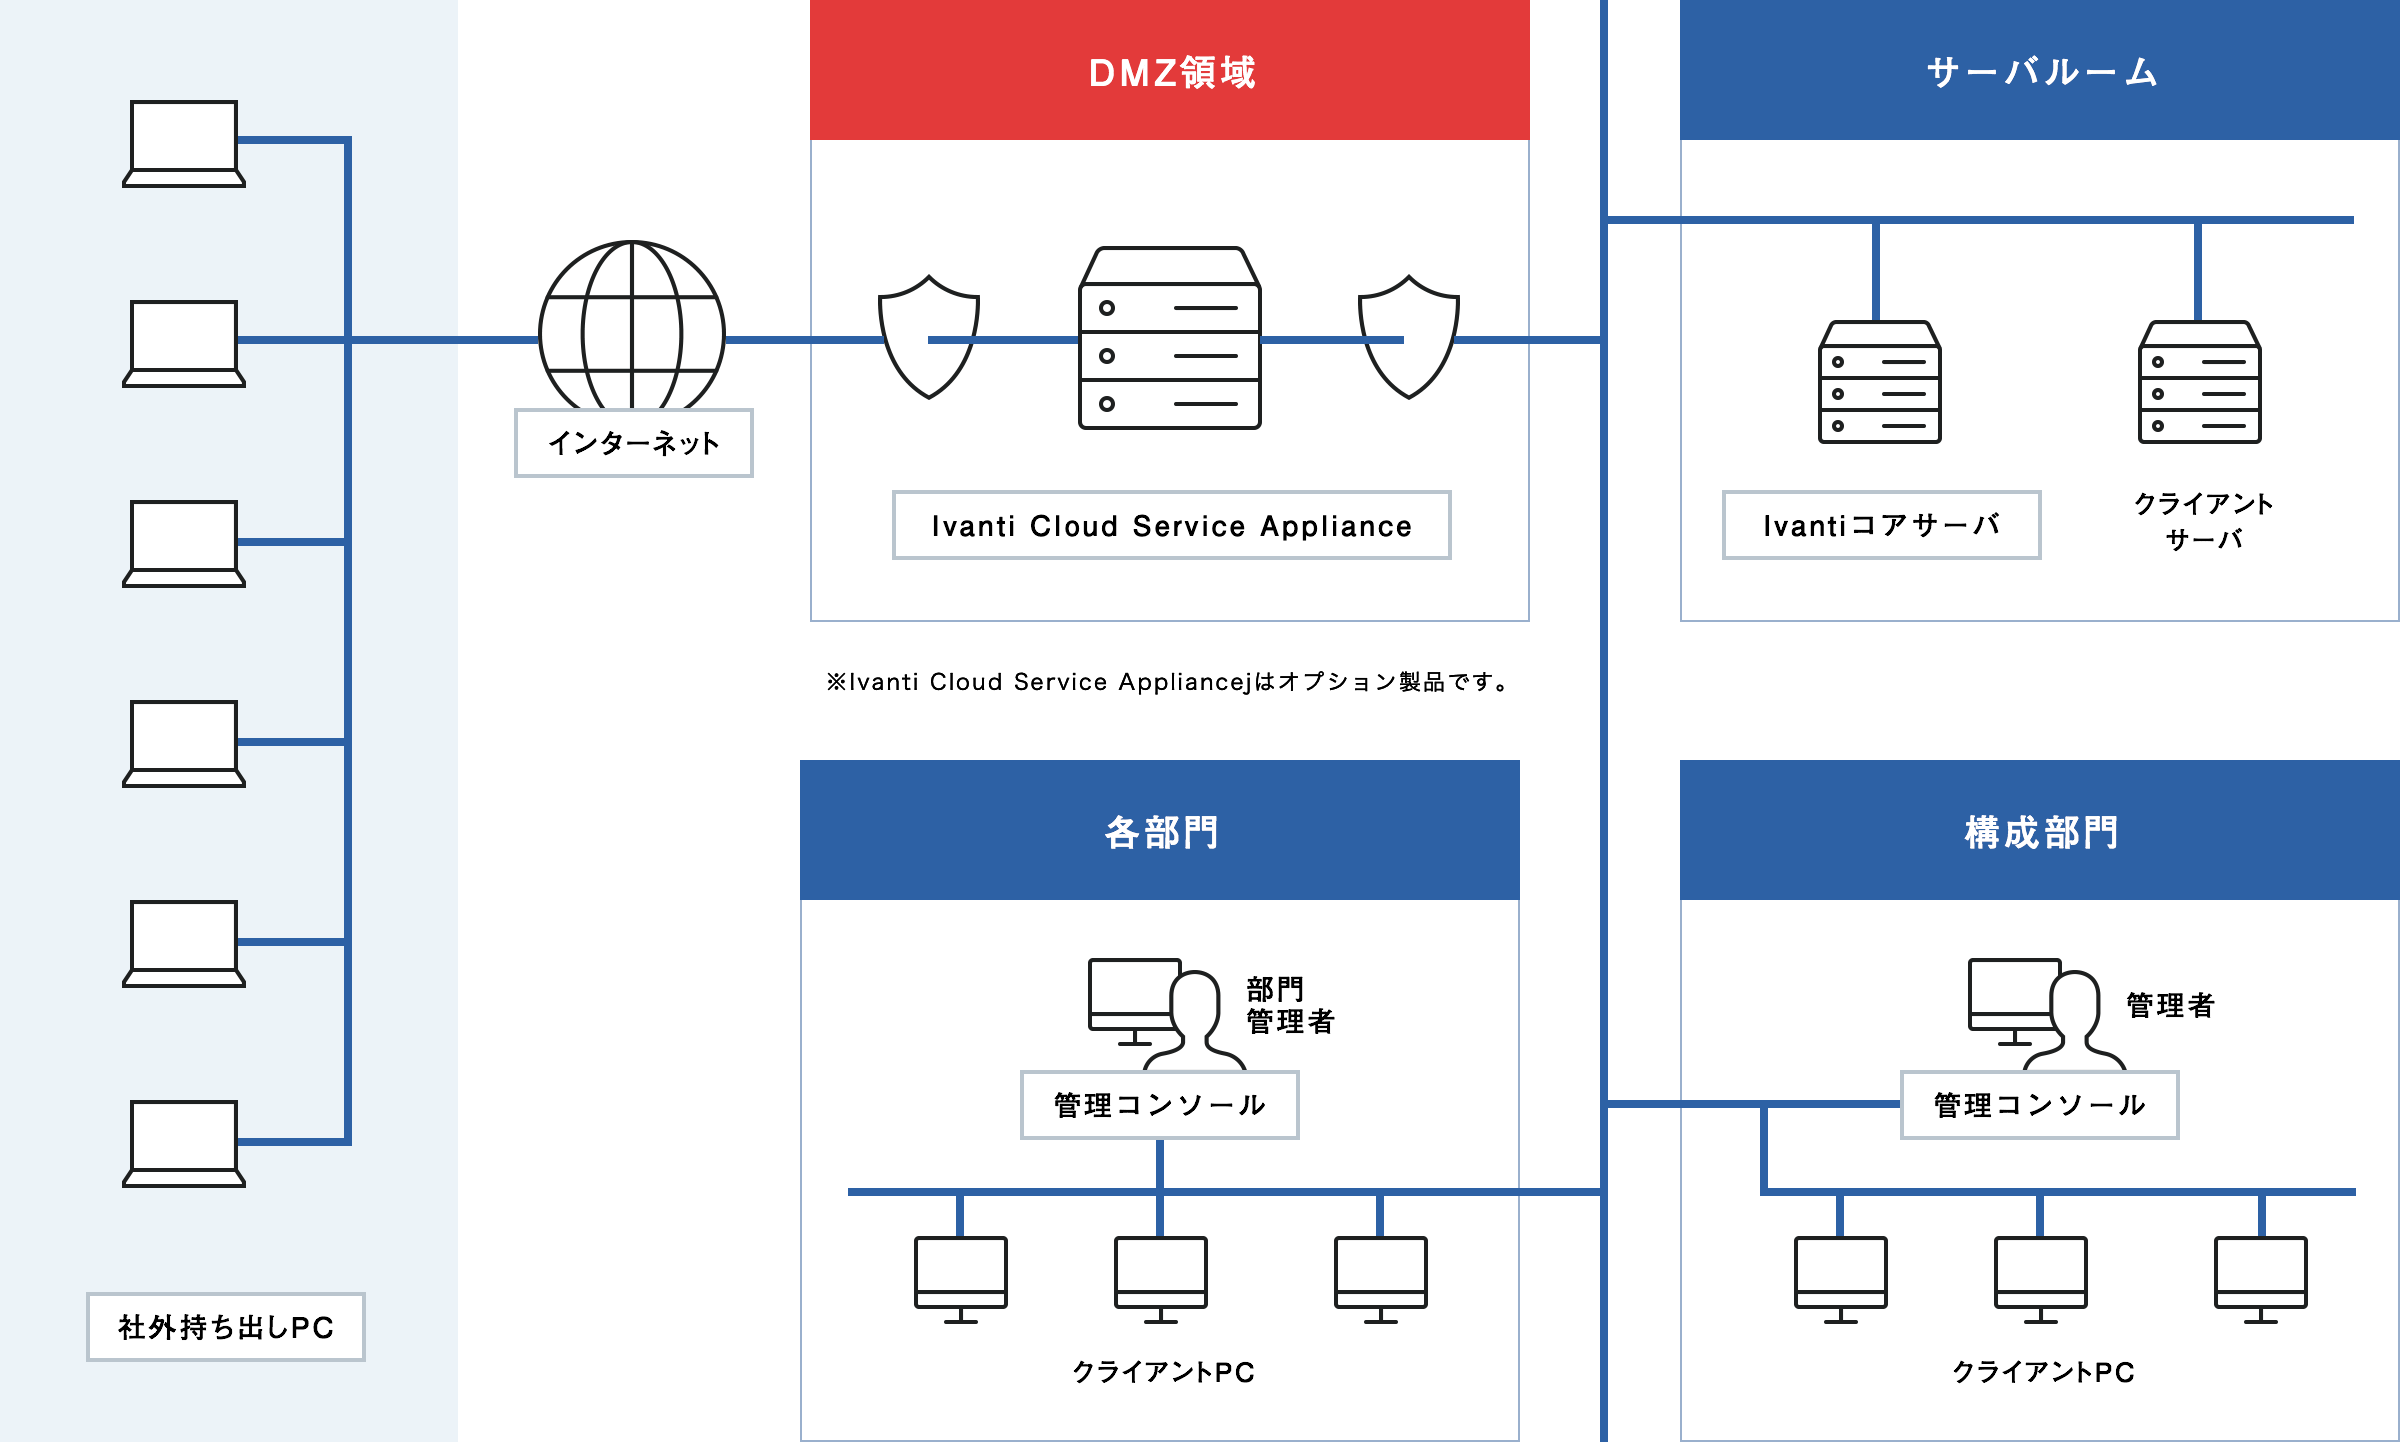 図:システム構造イメージ(PC)